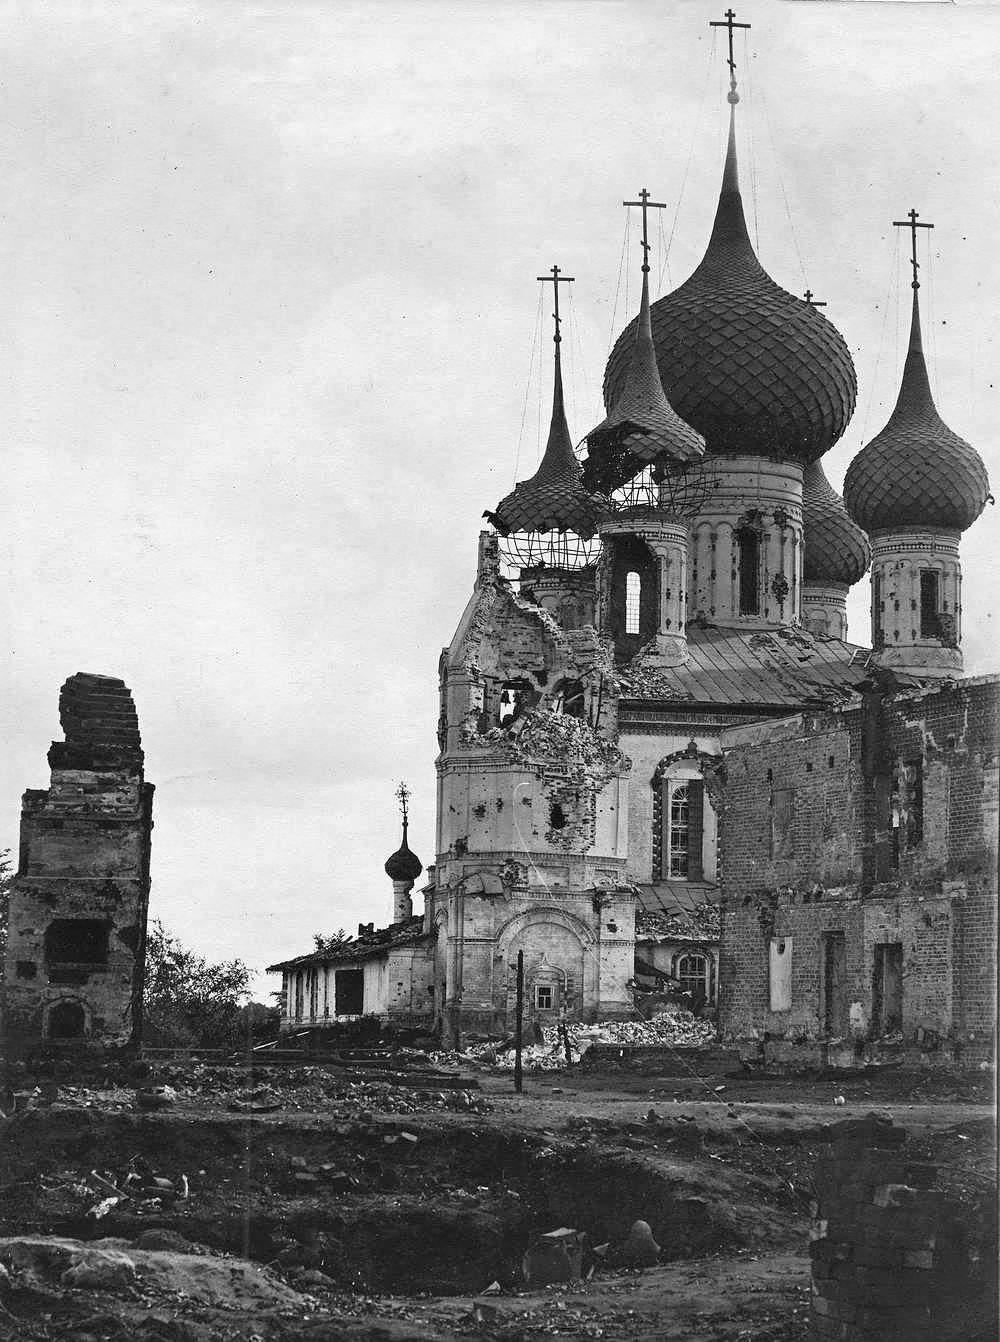 08. Церковь Петра и Павла, повреждённая артиллерией во время подавления восстания